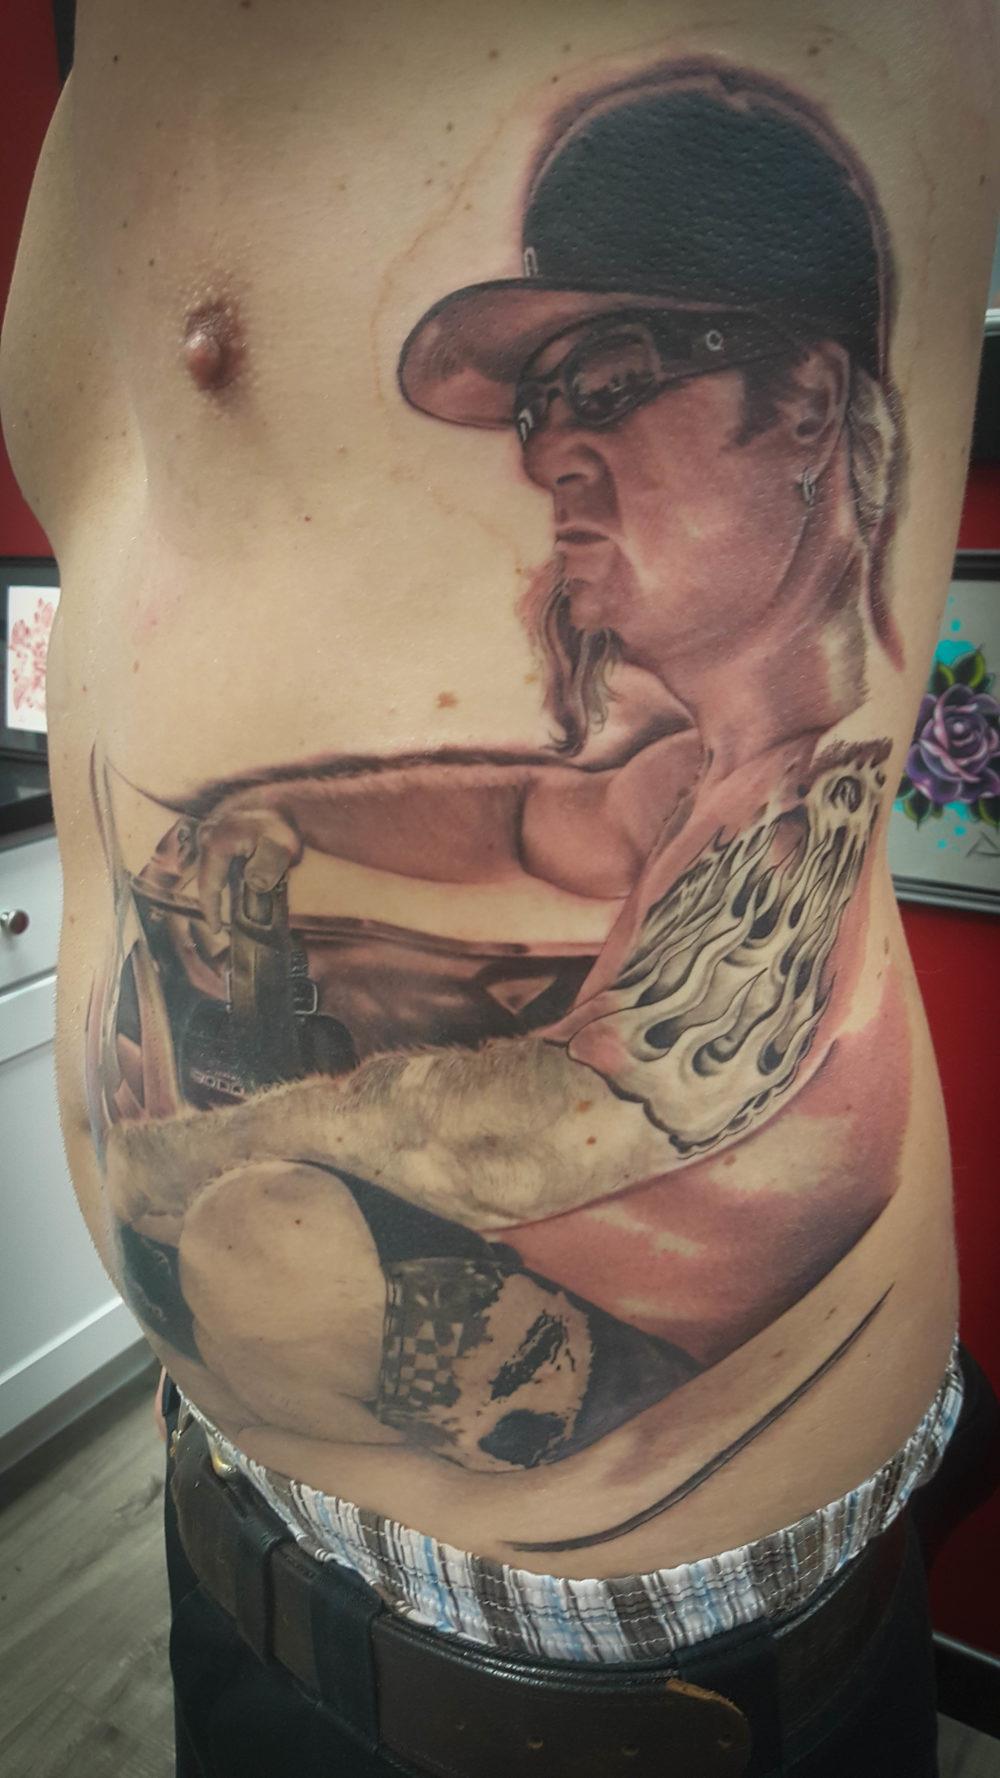 Q Tattoo in Huntington Beach - Quan - realism body tattoo